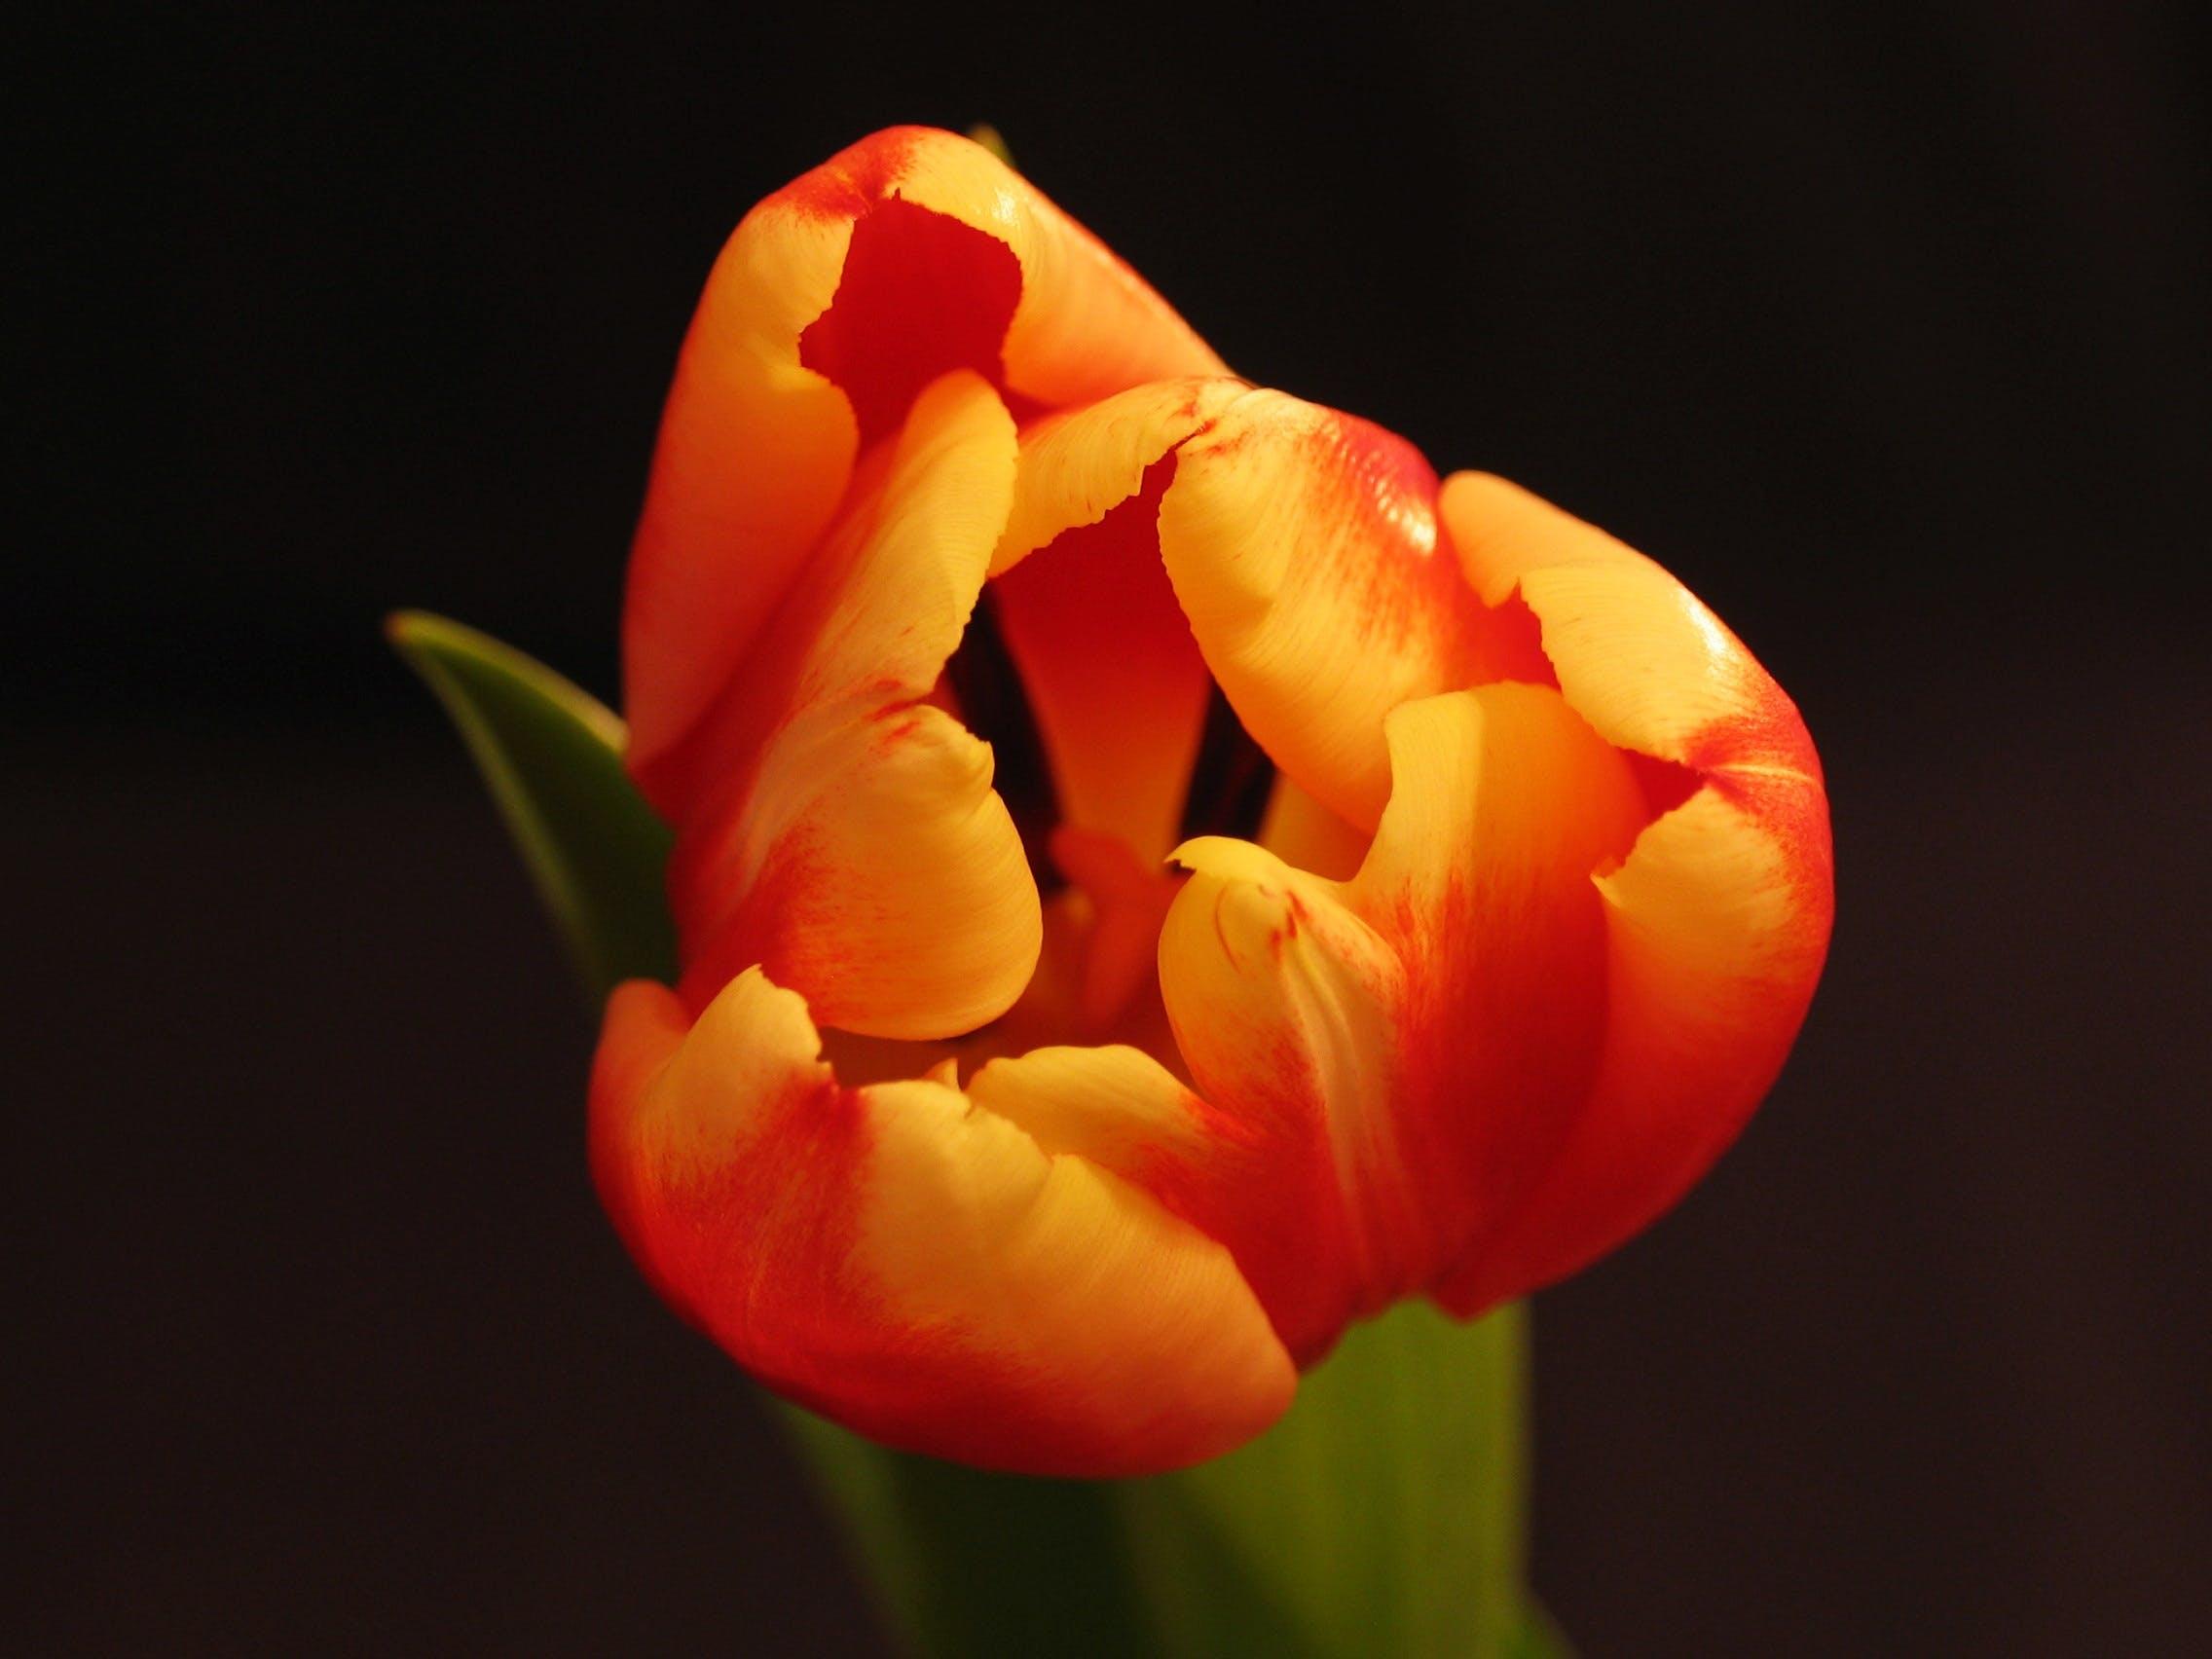 bloom, blosoom, flower